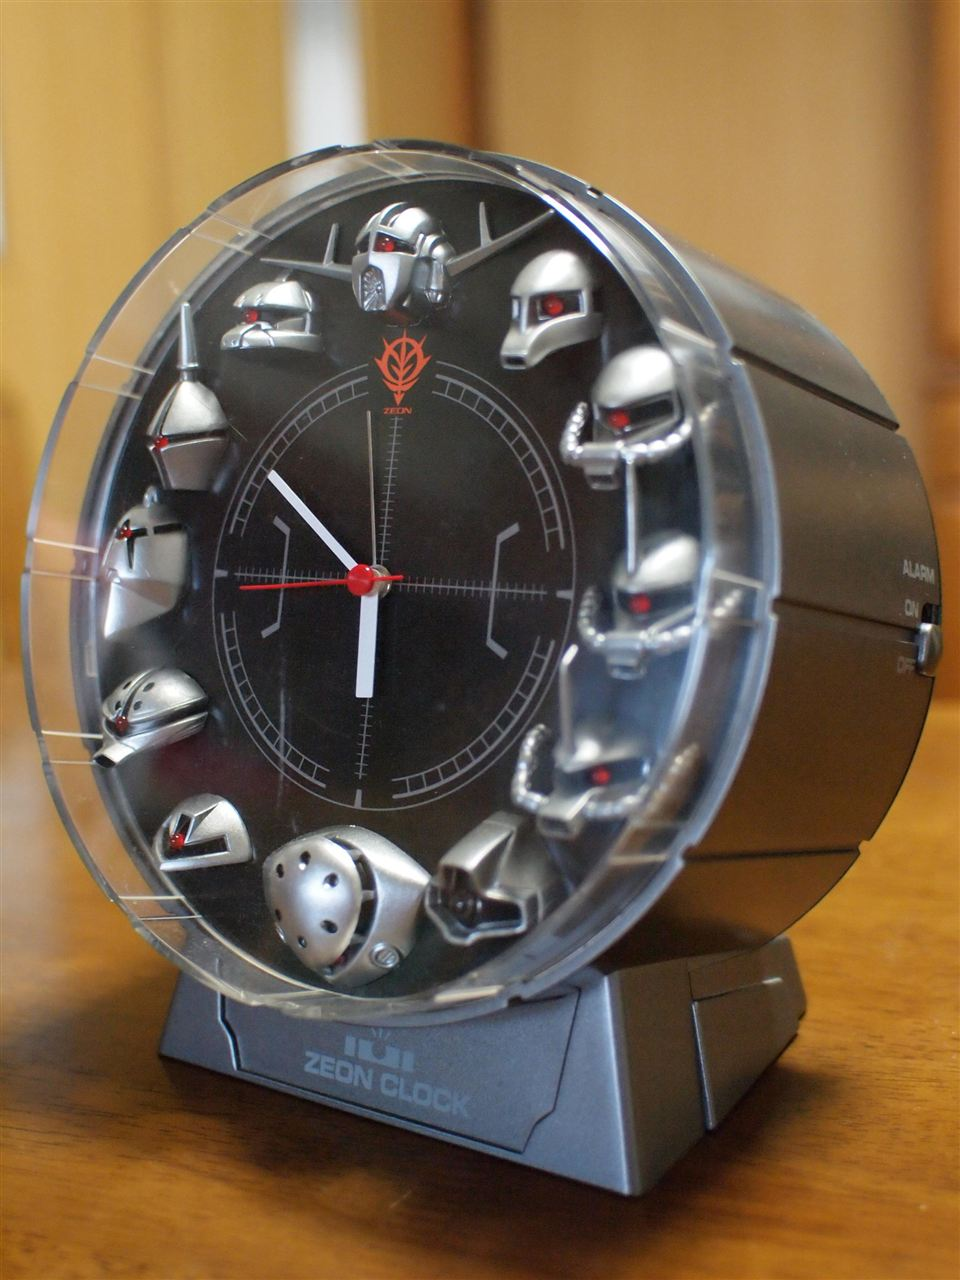 ZEON-CLOCK